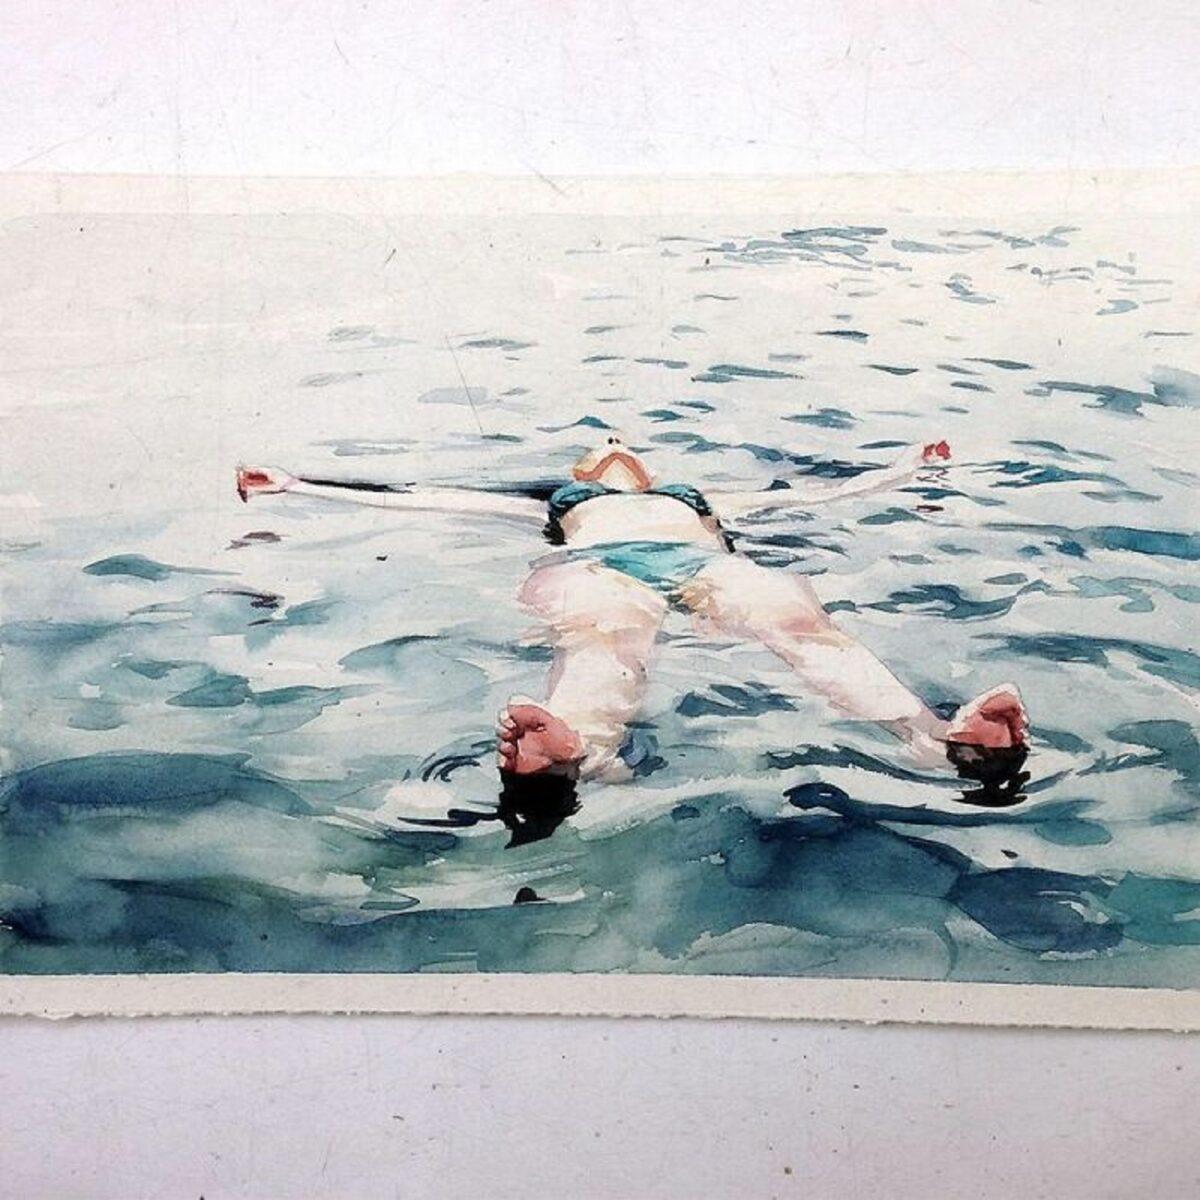 Marcos Beccari artista brasileiro retrata pessoas dentro dagua em incriveis pinturas aquarelas 18